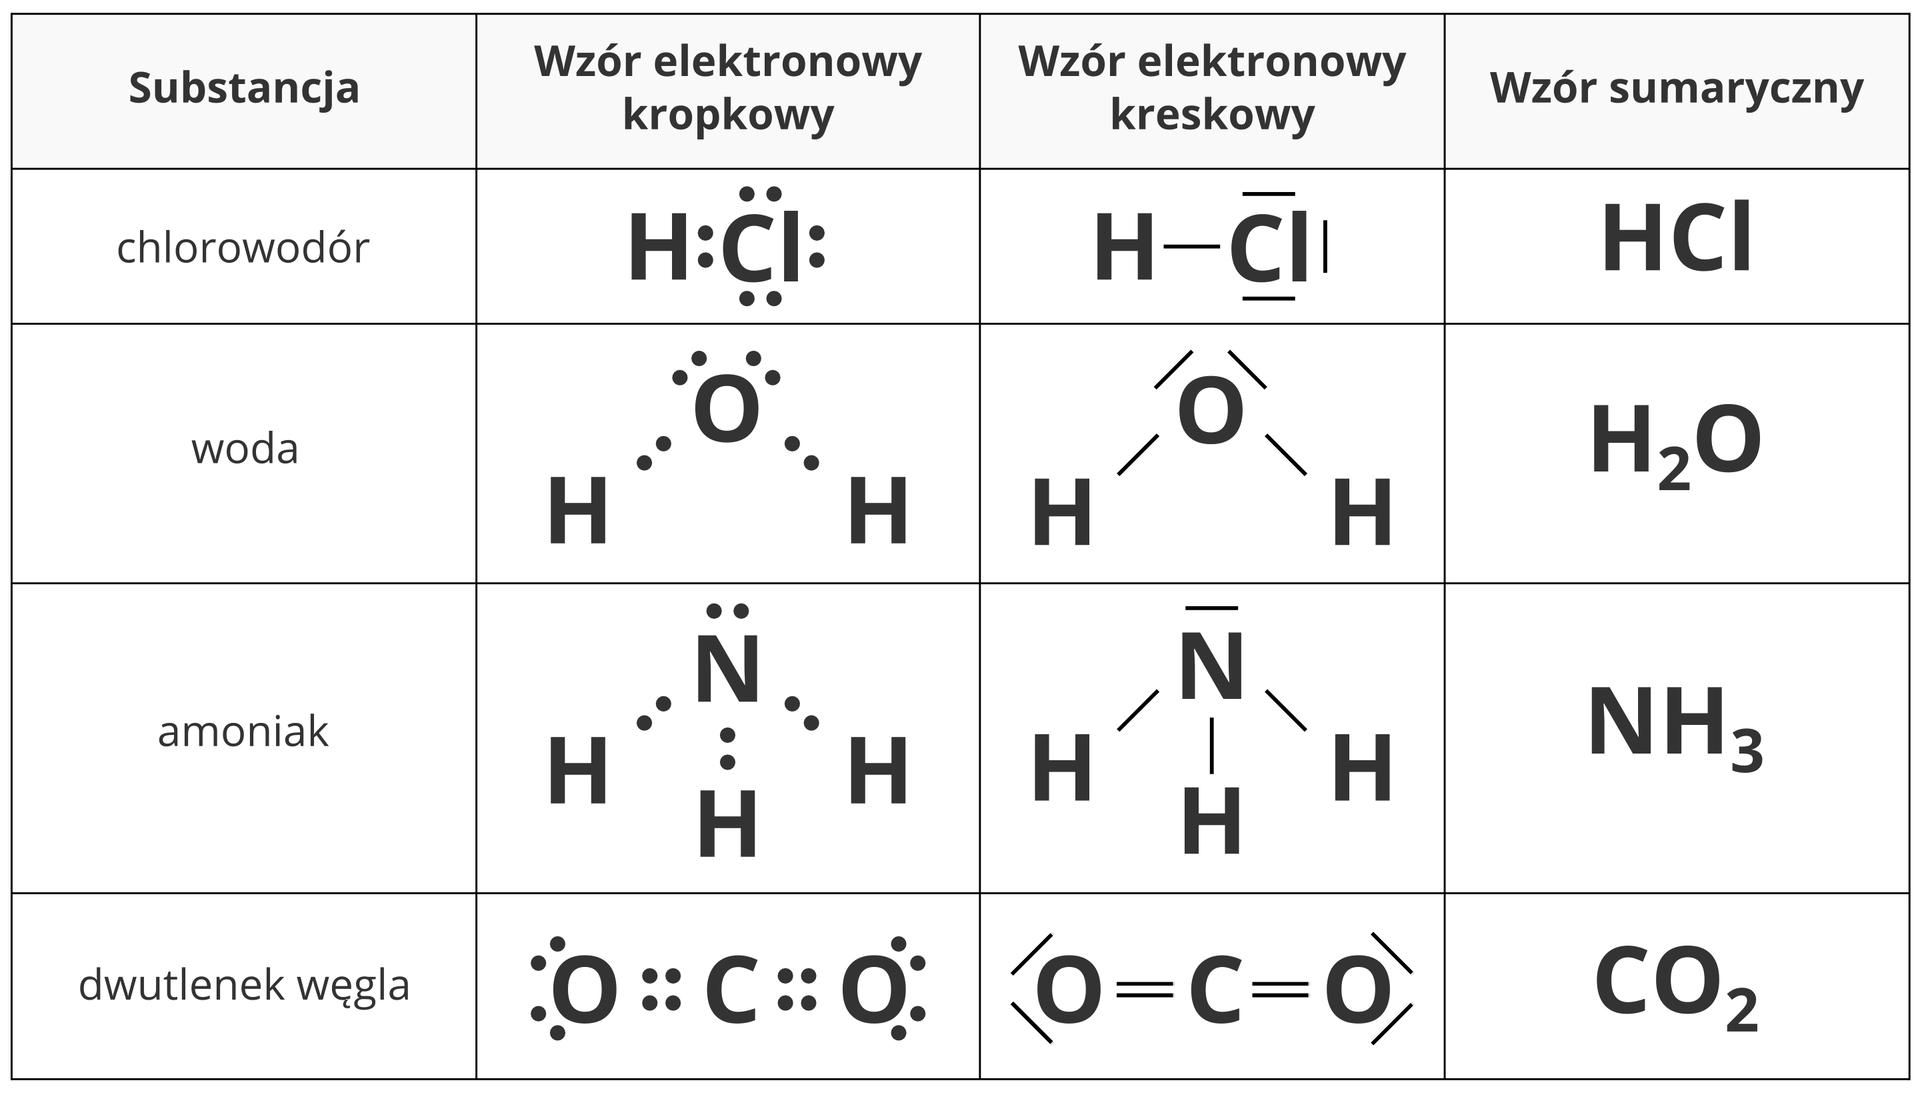 Ilustracja przedstawia tabelę zestawiającą sposoby zapisu wzoru trzech związków chemicznych owiązaniach spolaryzowanych. Licząc od lewej strony kolejno wyszczególniane wtabeli elementy to nazwa substancji, jej wzór elektronowy kropkowy, wzór elektronowy kreskowy, oraz wzór sumaryczny. Pierwszy zprezentowanych związków to chlorowodór owzorze HCl, wktórym wodór zchlorem łączy się za pomocą jednej pary elektronowej. Drugi związek to zwykła woda, czyli H2O. Trzeci związek to omówiony wpoprzednich akapitach amoniak owzorze HN3. Czwarty związek to dwutlenek węgla owzorze CO2, wktórym centralnym atomem jest węgiel łączący się zdwoma leżącymi naprzeciw siebie atomami tlenu układami wiązań podwójnych.